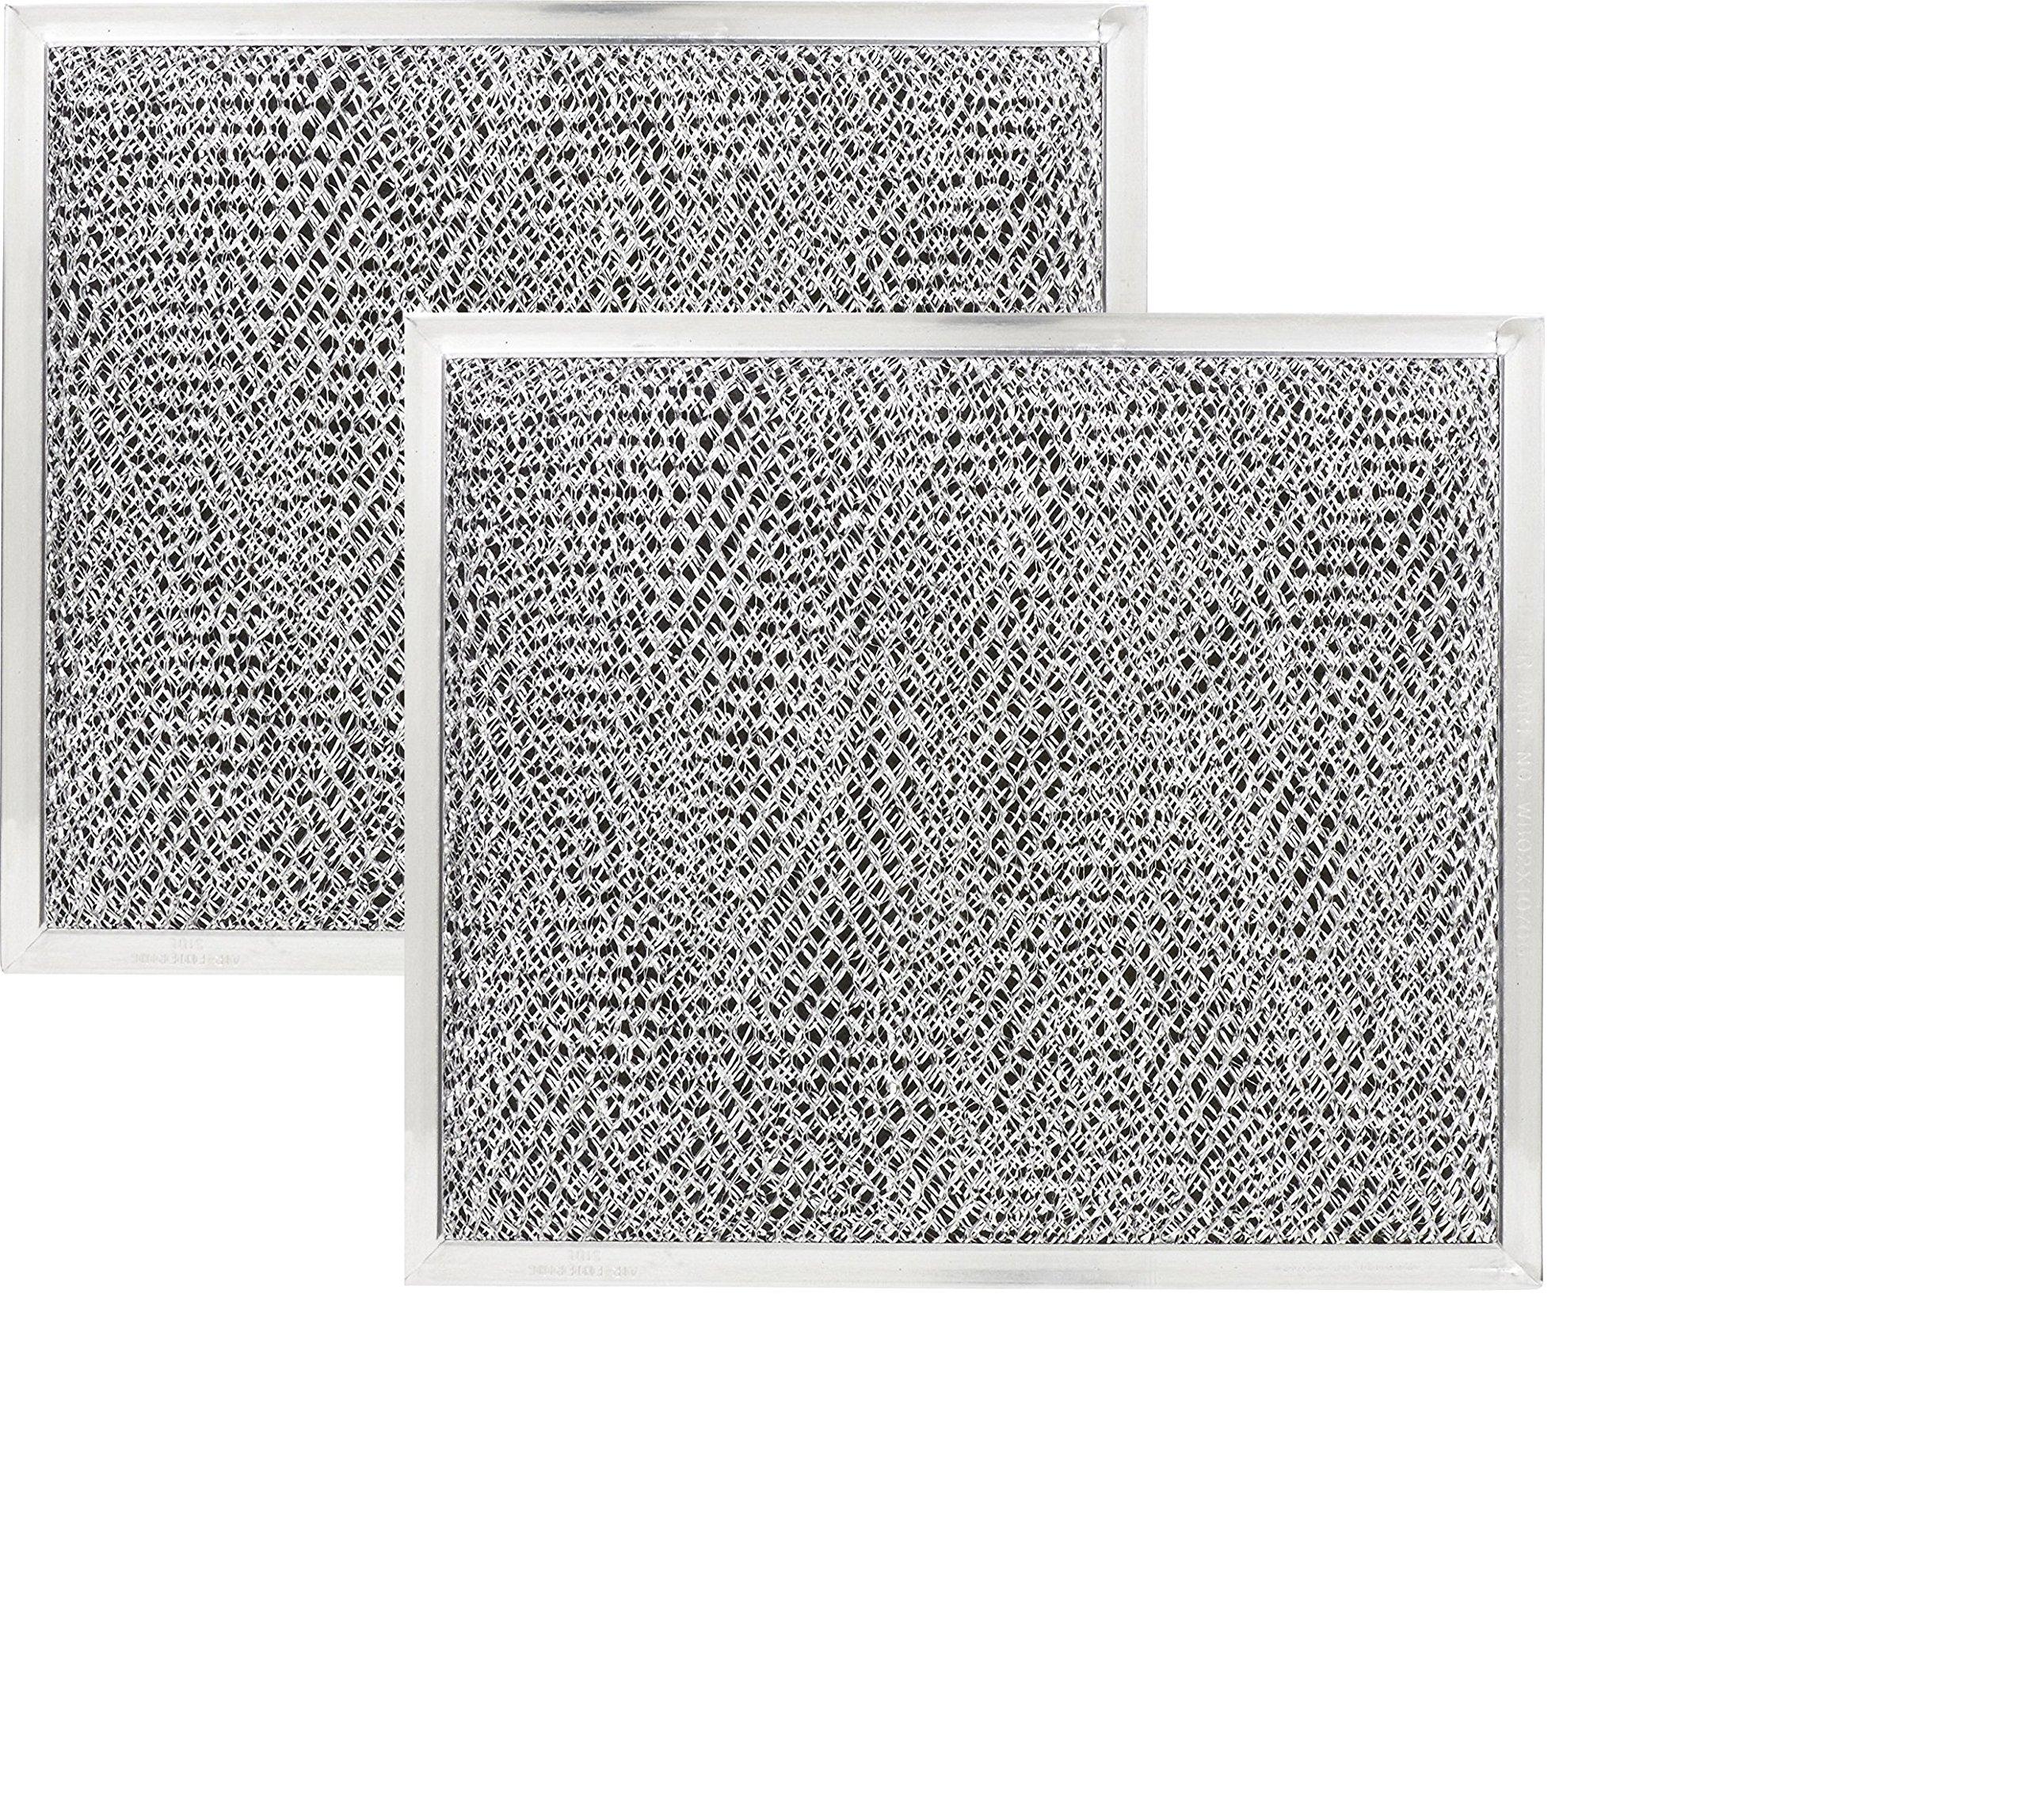 2 PACK 9 x 10-1/2 x 3/32 Range Hood Aluminum Charcoal Combo Filters